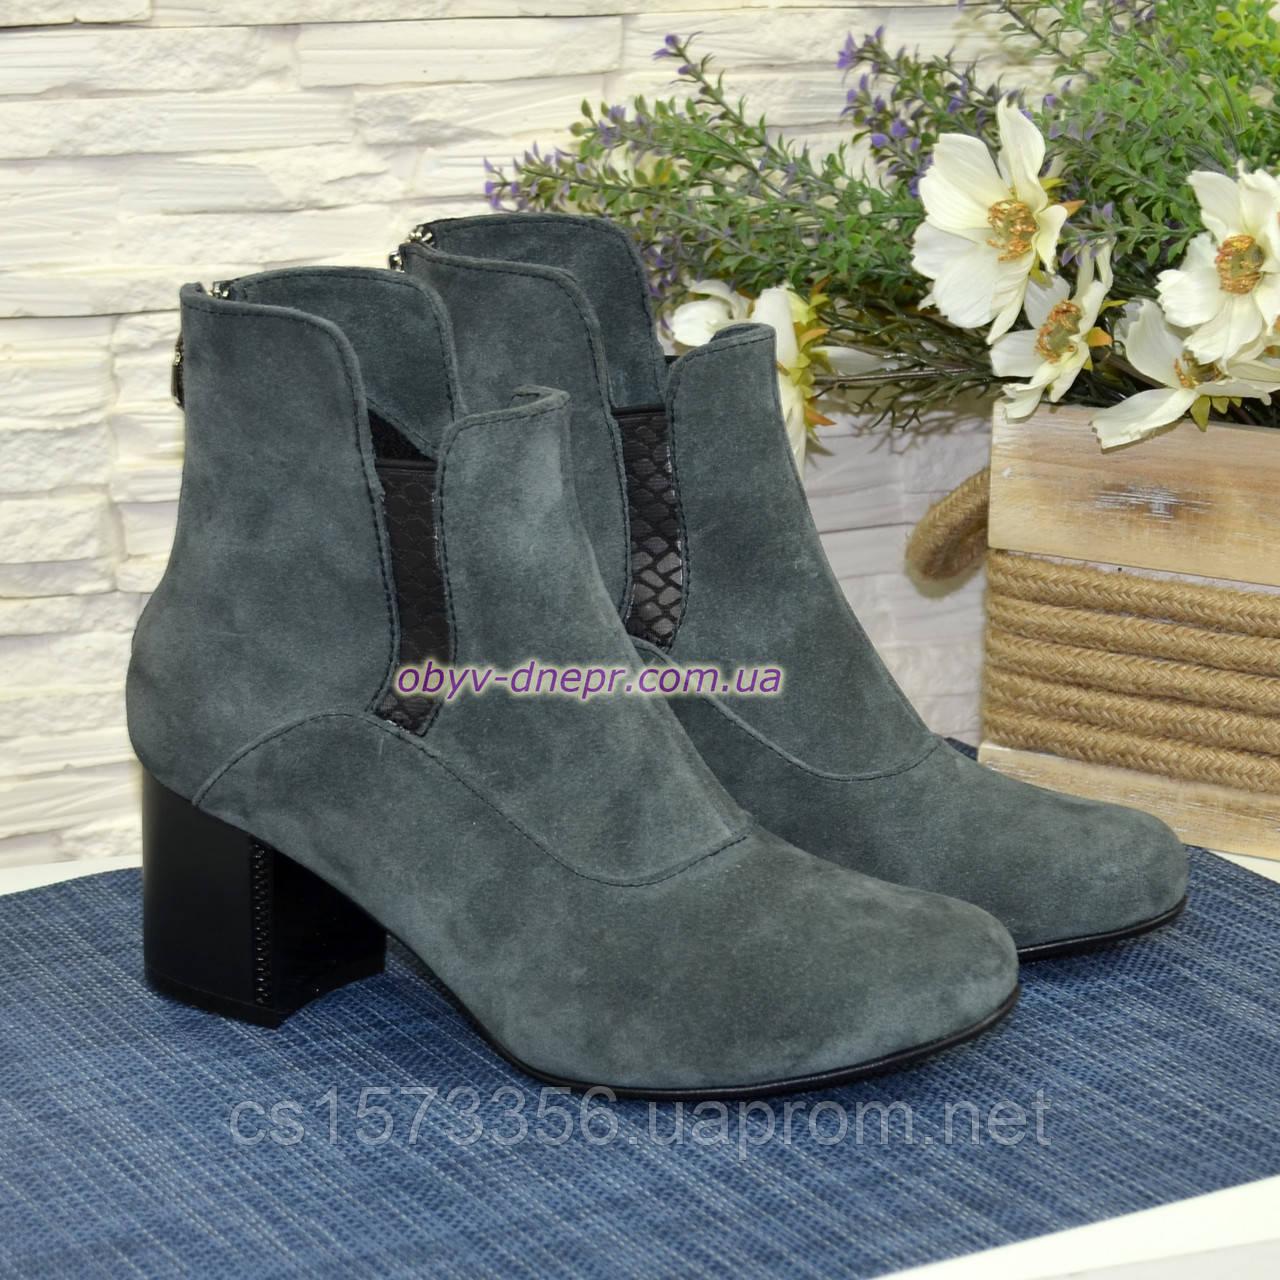 Ботинки женские демисезонные на устойчивом каблуке, сзади на молнии. Цвет серый